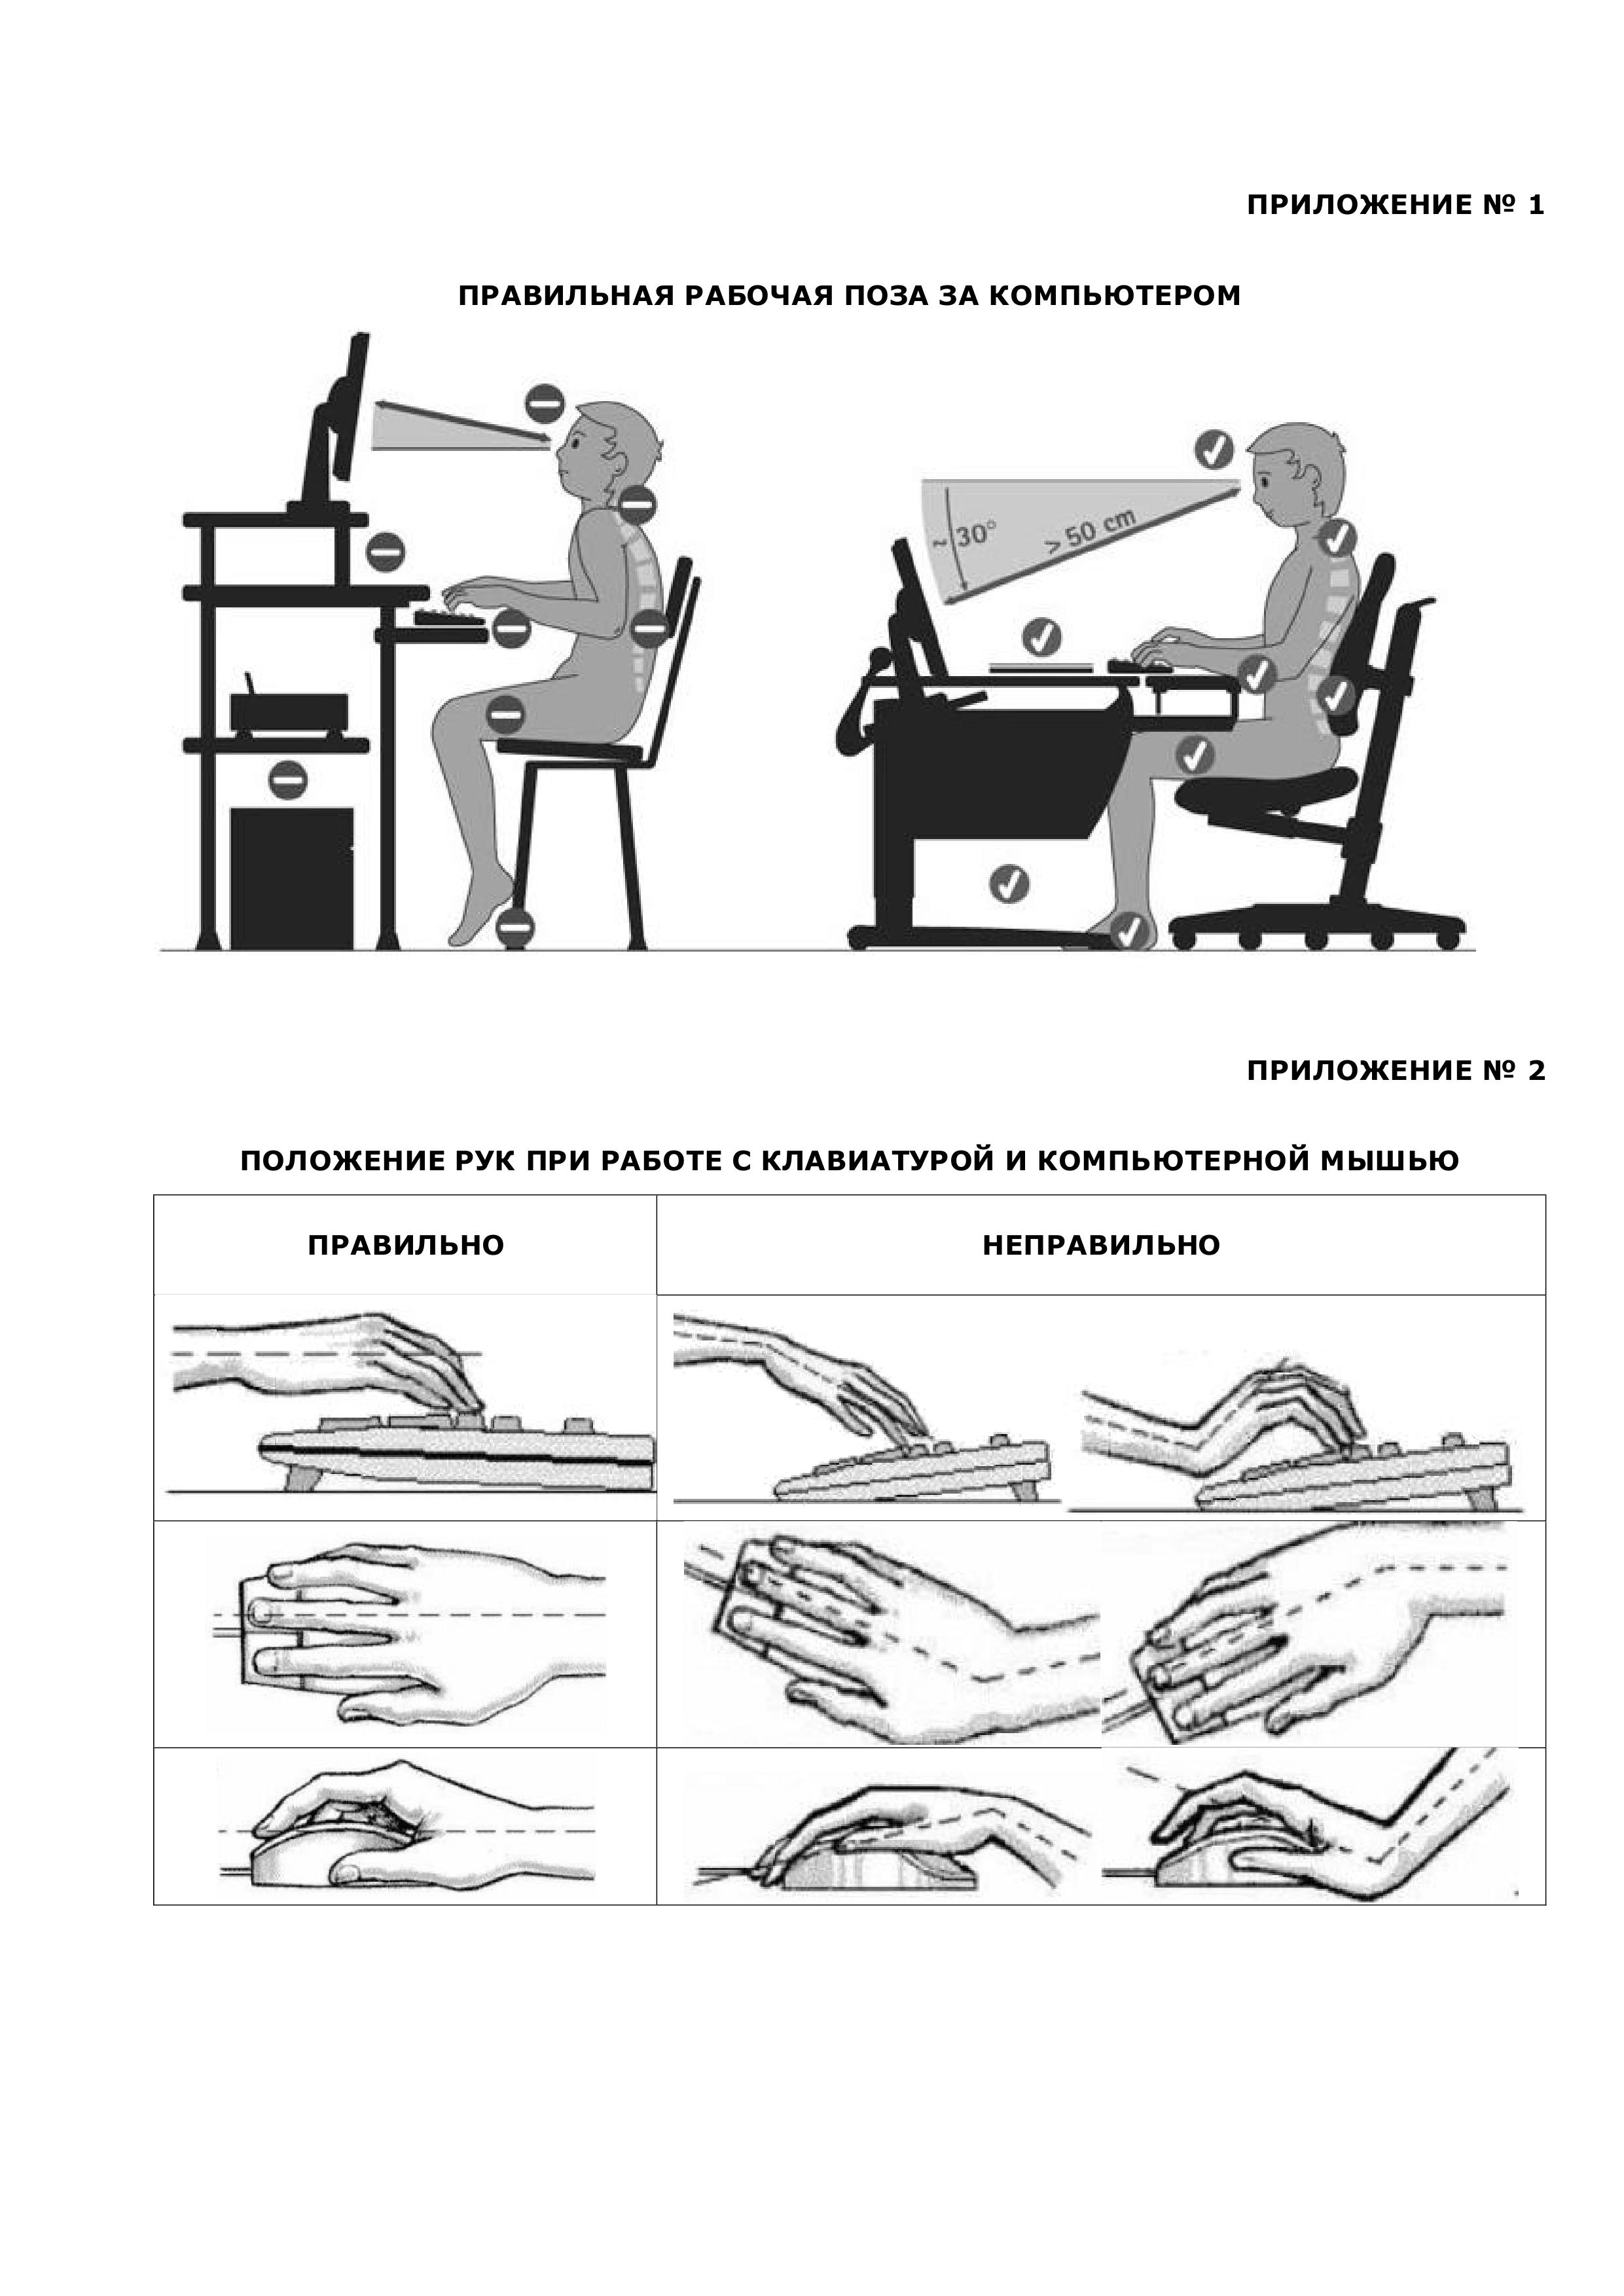 инструкция по осмотру помещений перед их закрытием